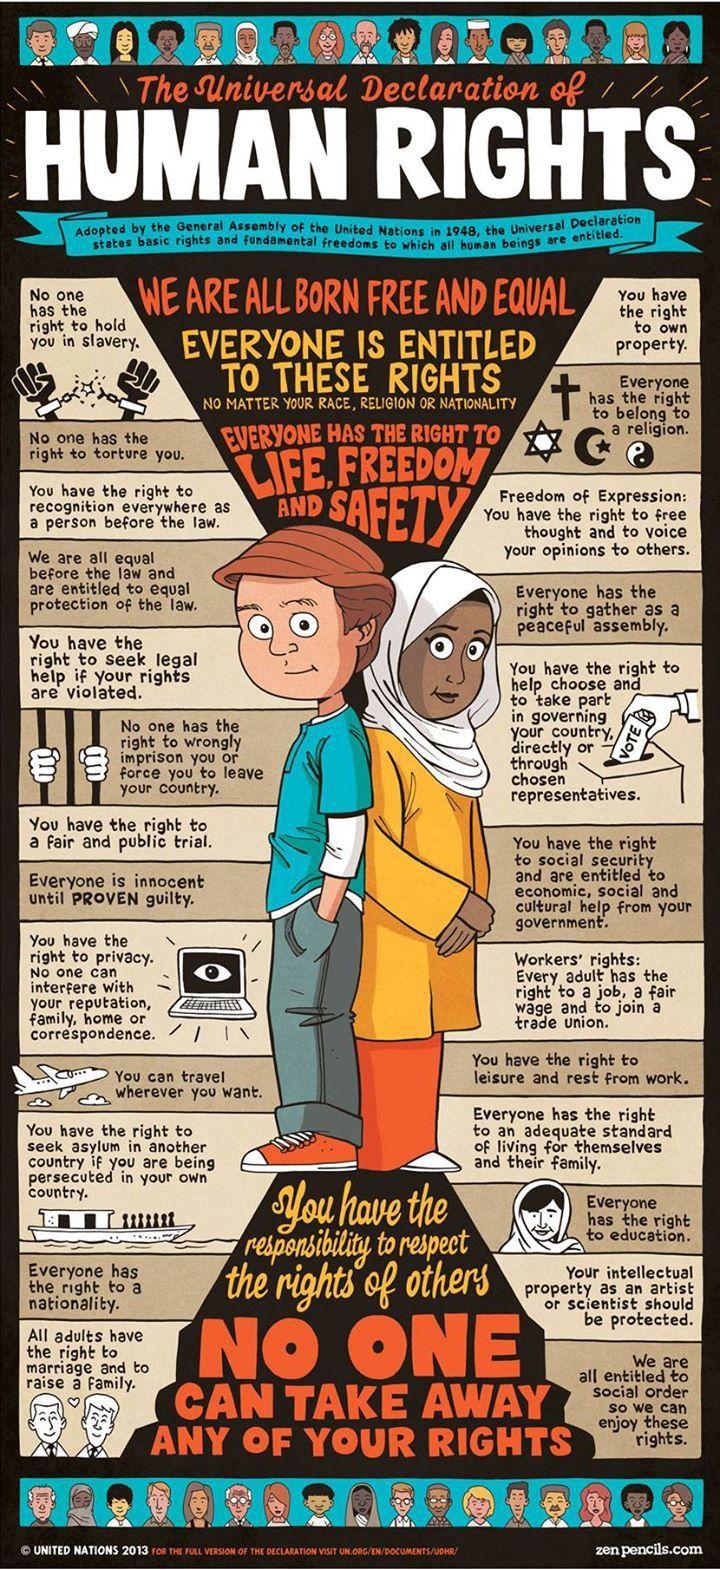 Cultural Relativism A Dangerous Foolish Path Cultural Relativism Human Rights Declaration Of Human Rights